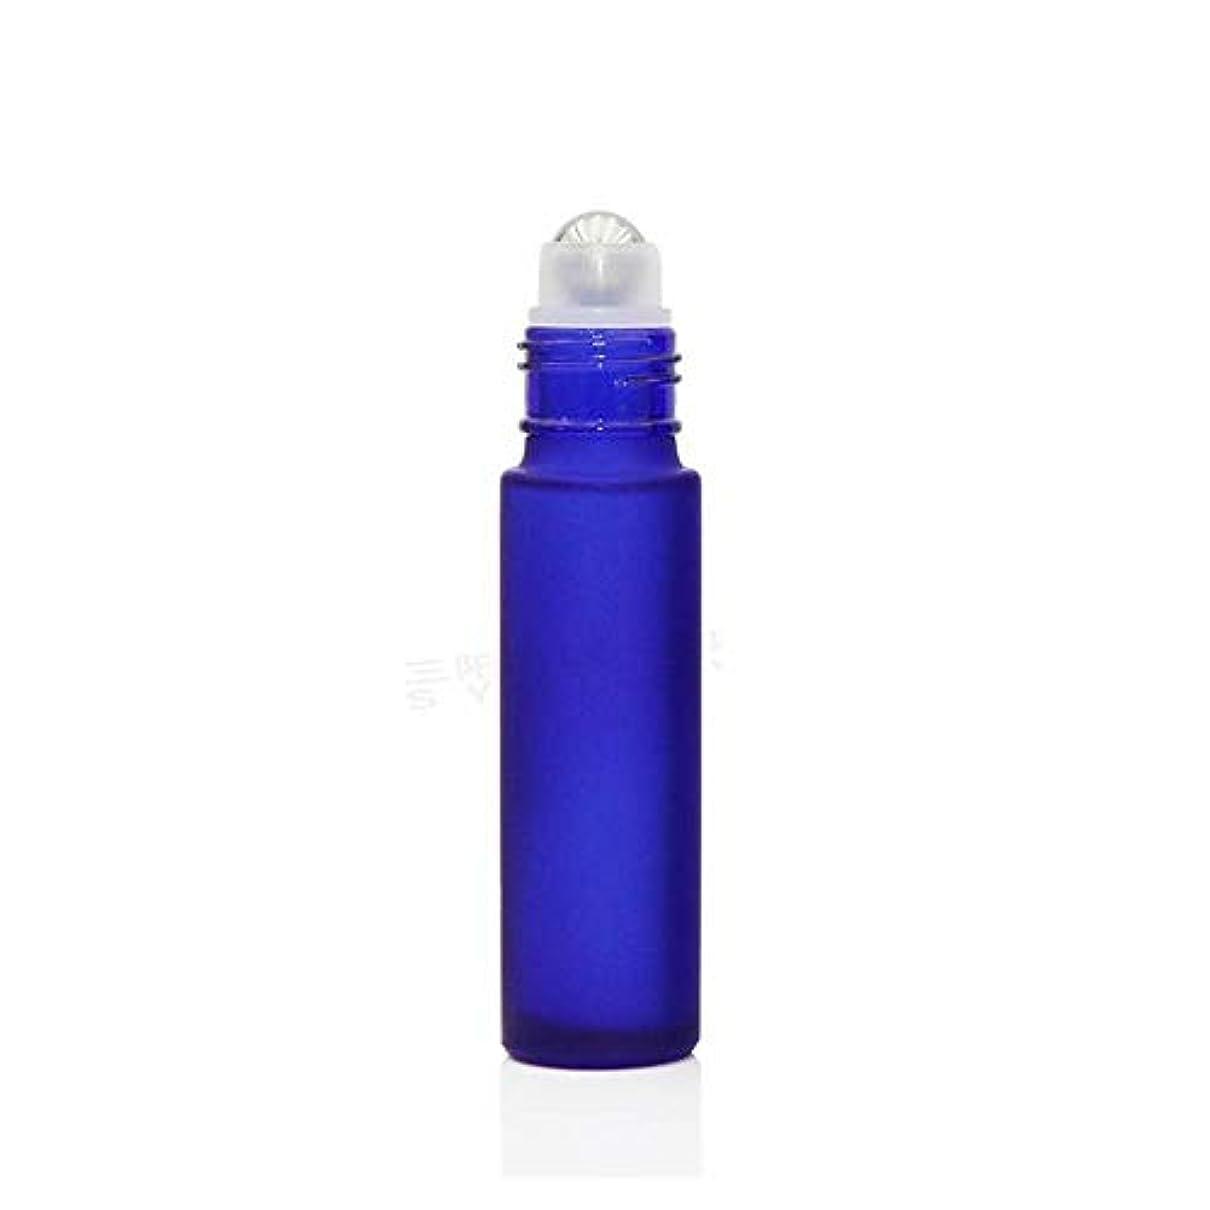 解体する銀行答えgundoop ロールオンボトル アロマオイル 精油 小分け用 遮光瓶 10ml 10本セット ガラスロールタイプ (ブルー)